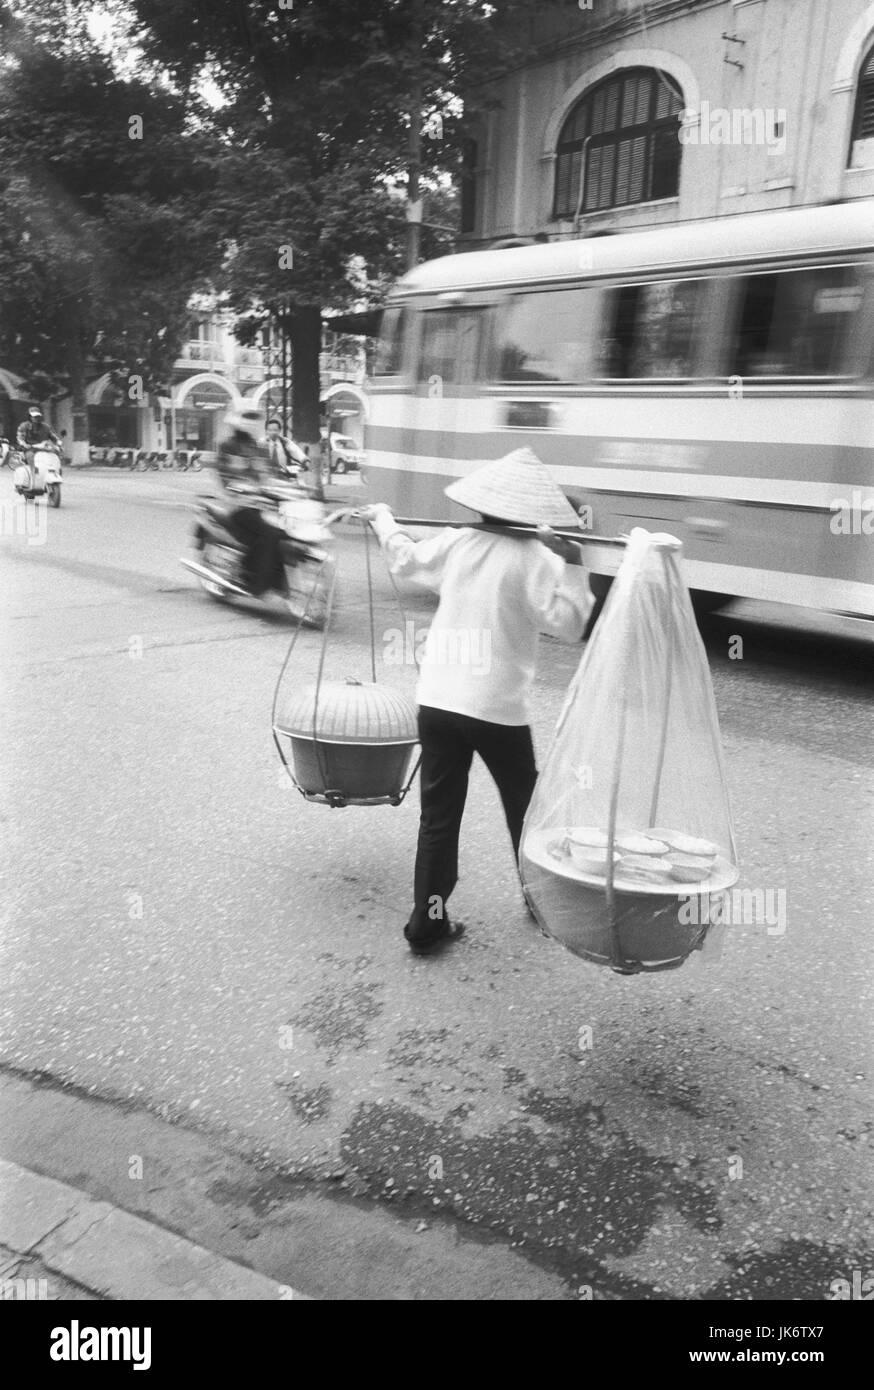 Vietnam, Hanoi, Straße, Frau, Last, wie, Lebensmittel, Rückenansicht, s/w, kein Model Release Sprungfähigkeit, Stockbild